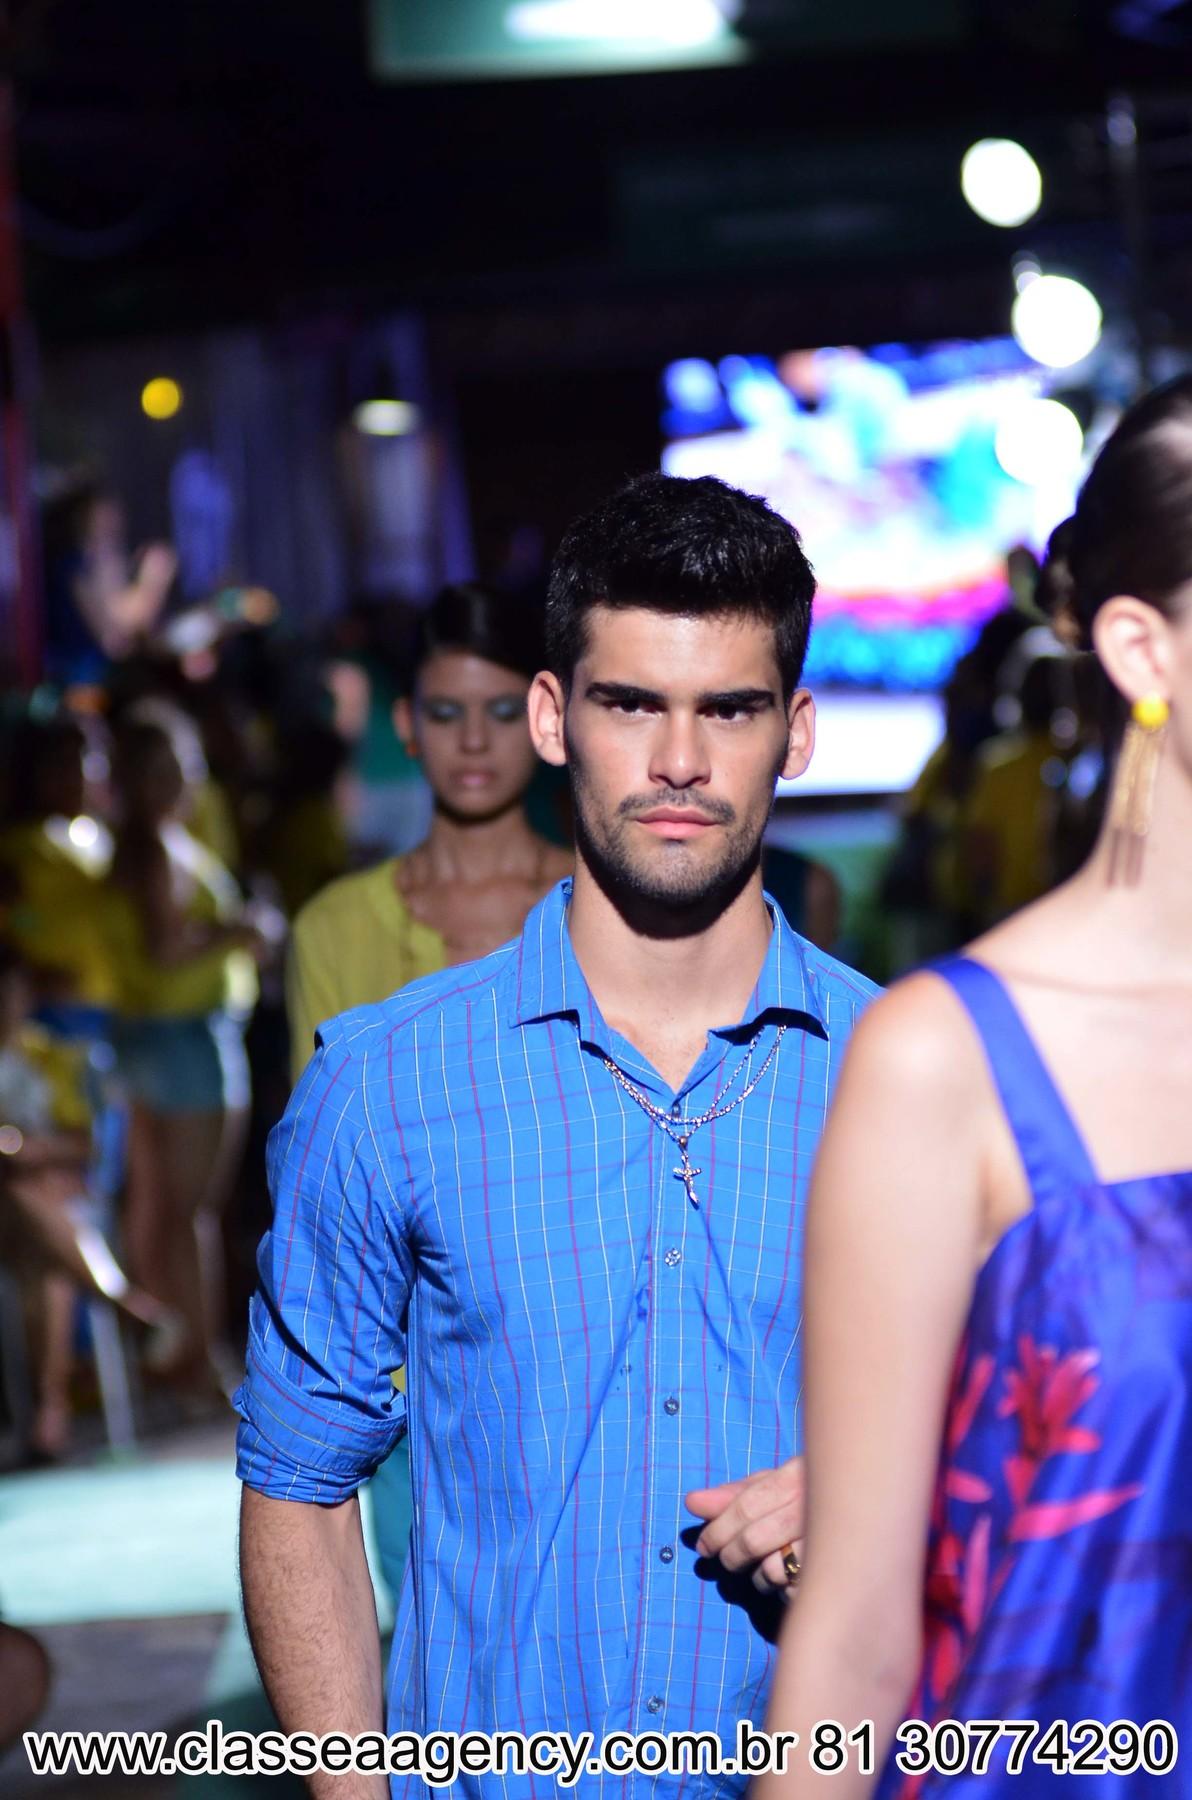 cobertura fotográfica de desfile de moda